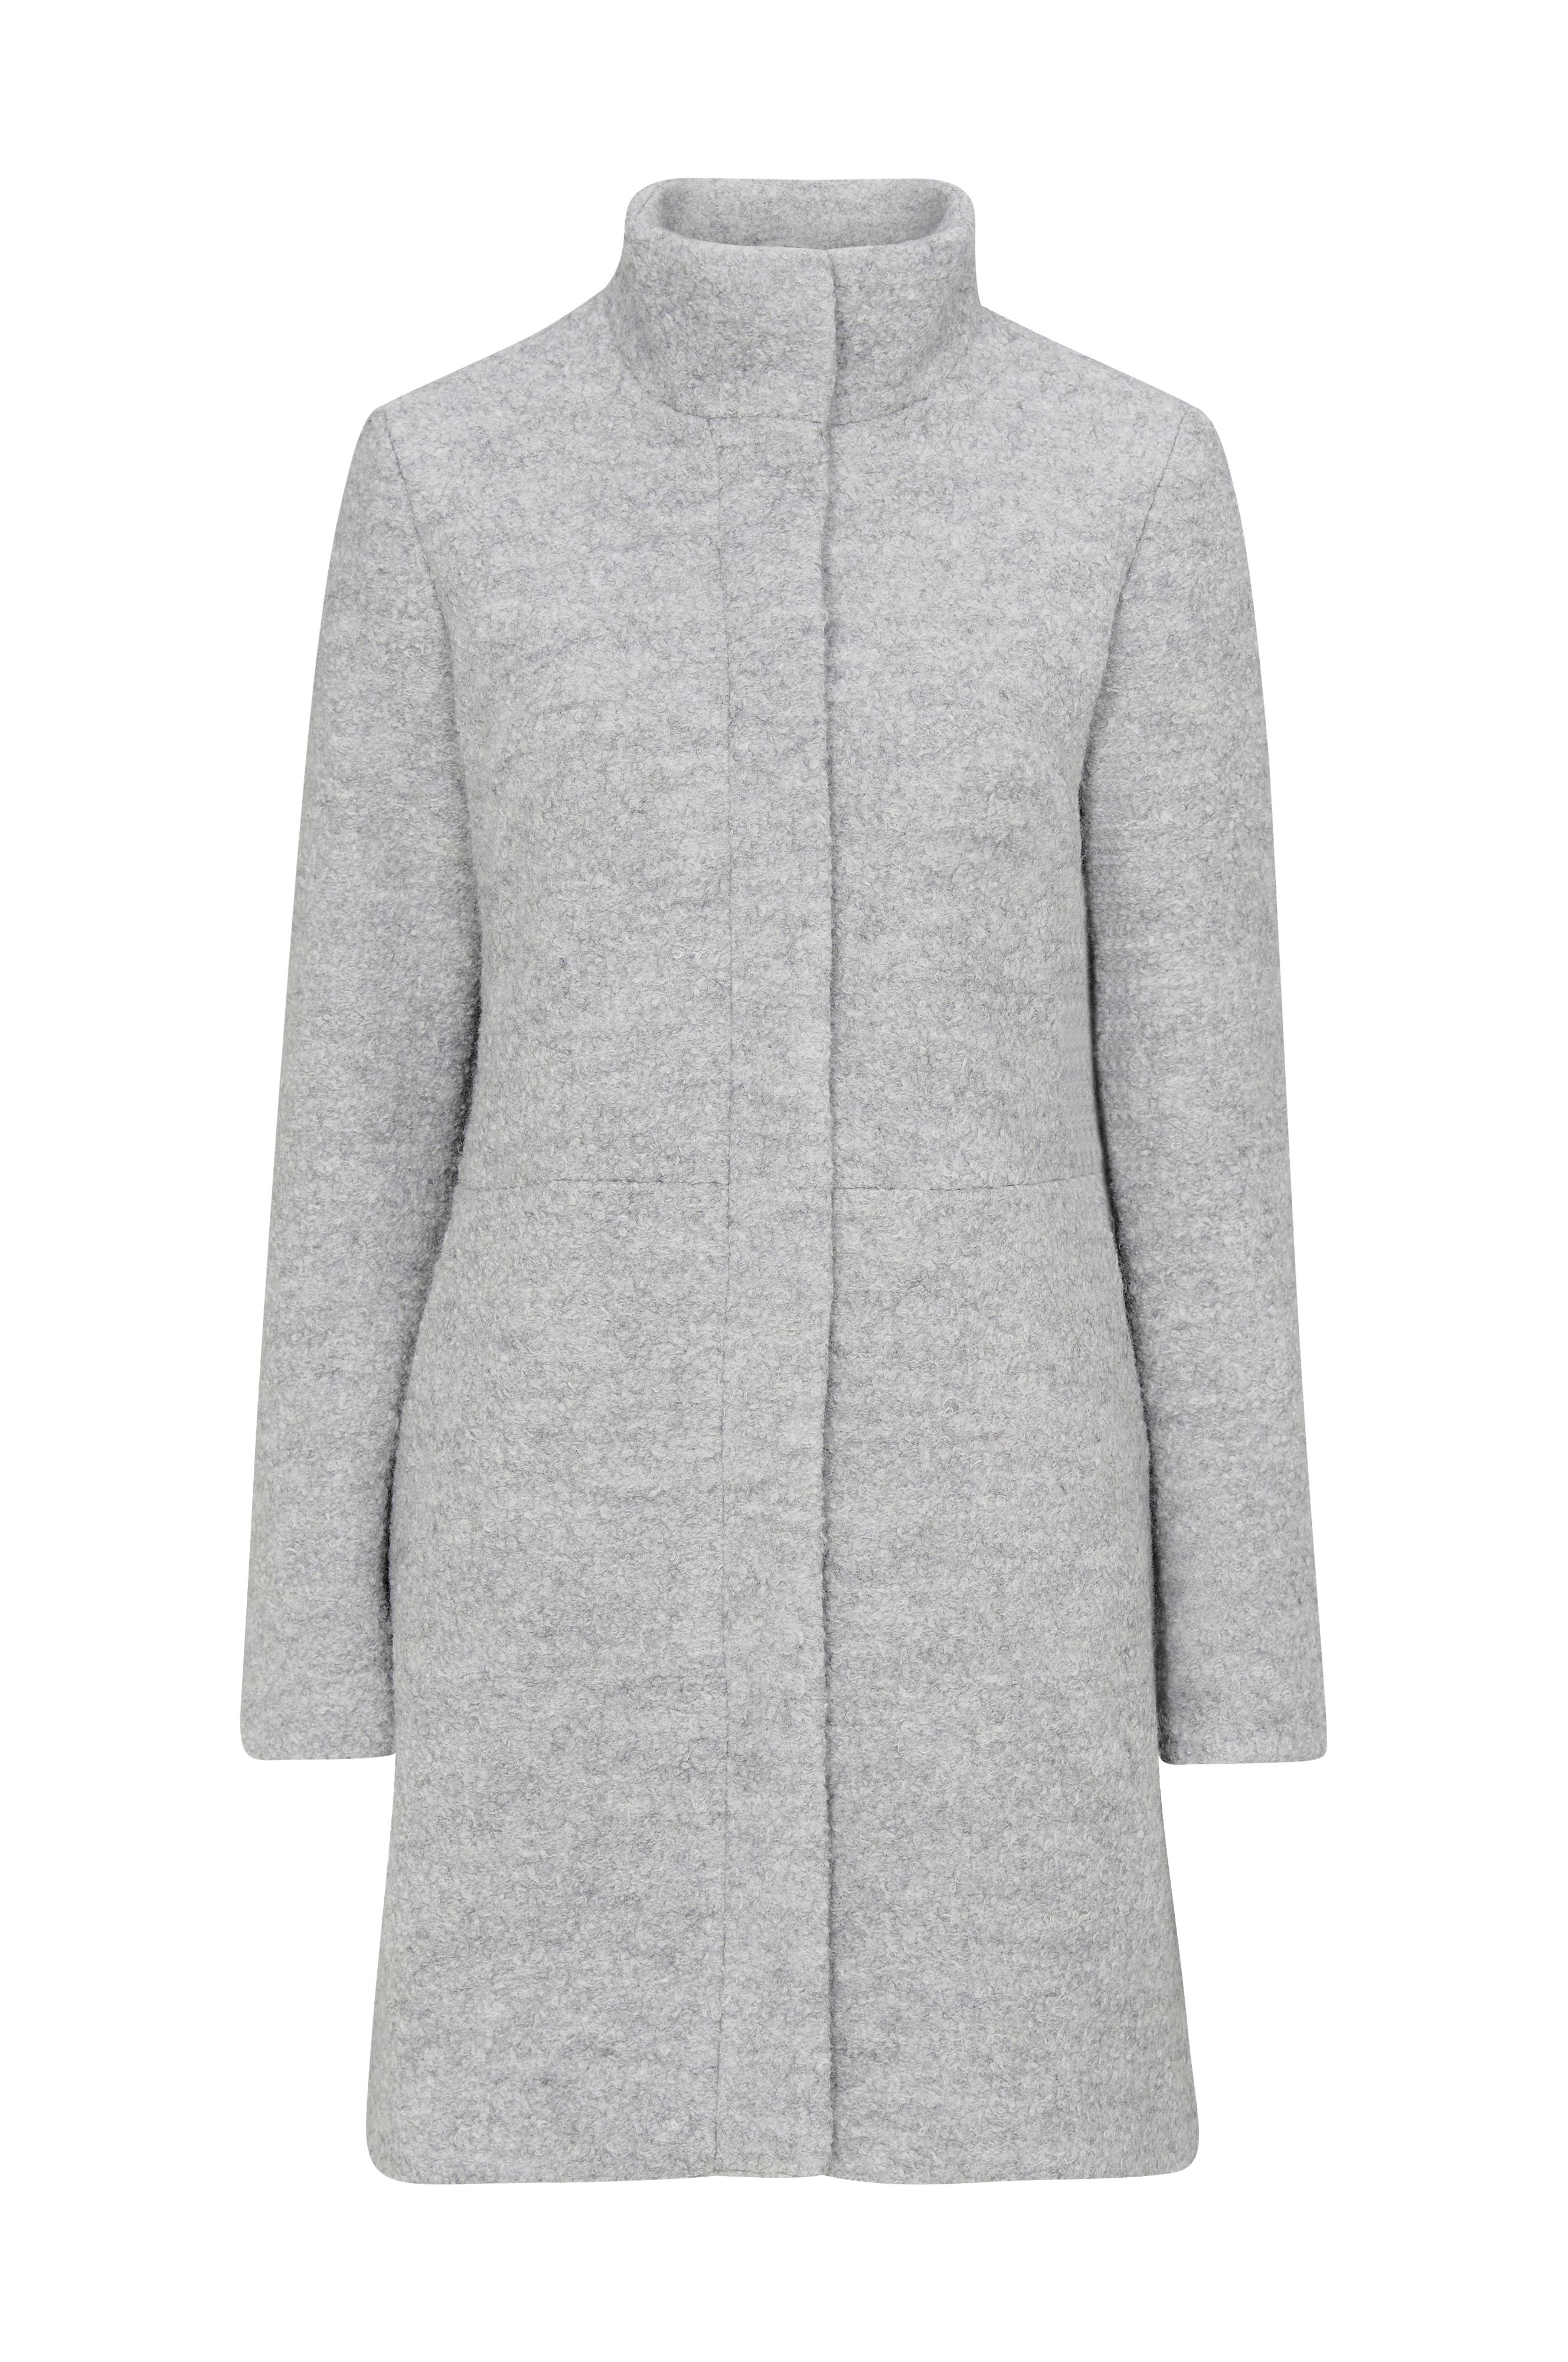 klassiset kengät ajatuksia uusi korkea ViAlanis Coat takki